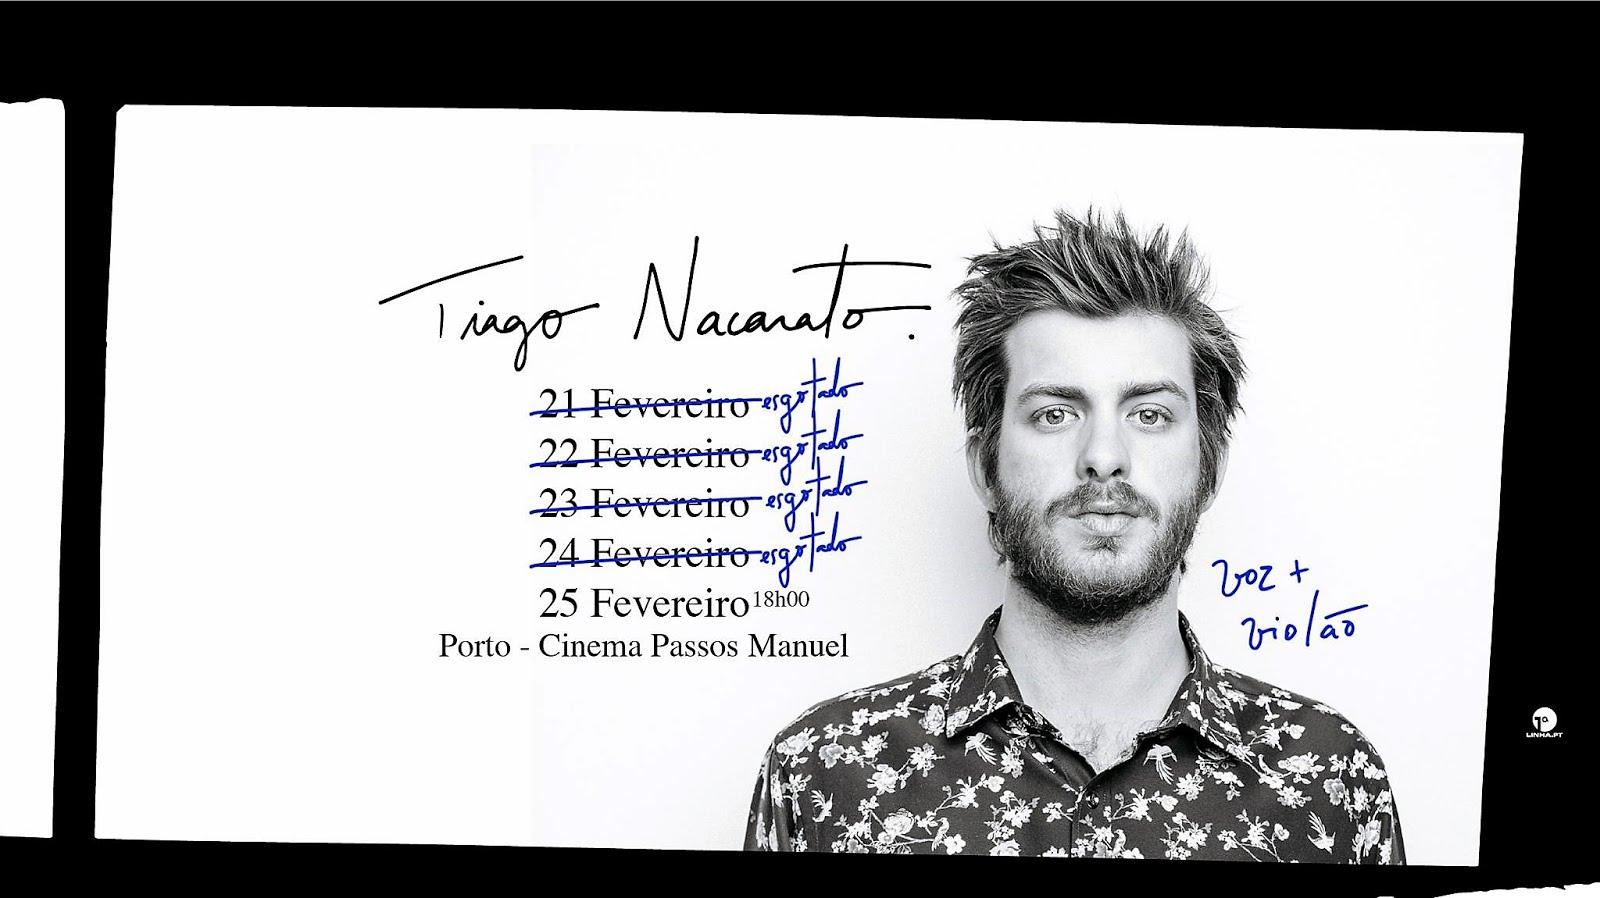 25 de fevereiro, 18h00: Porto